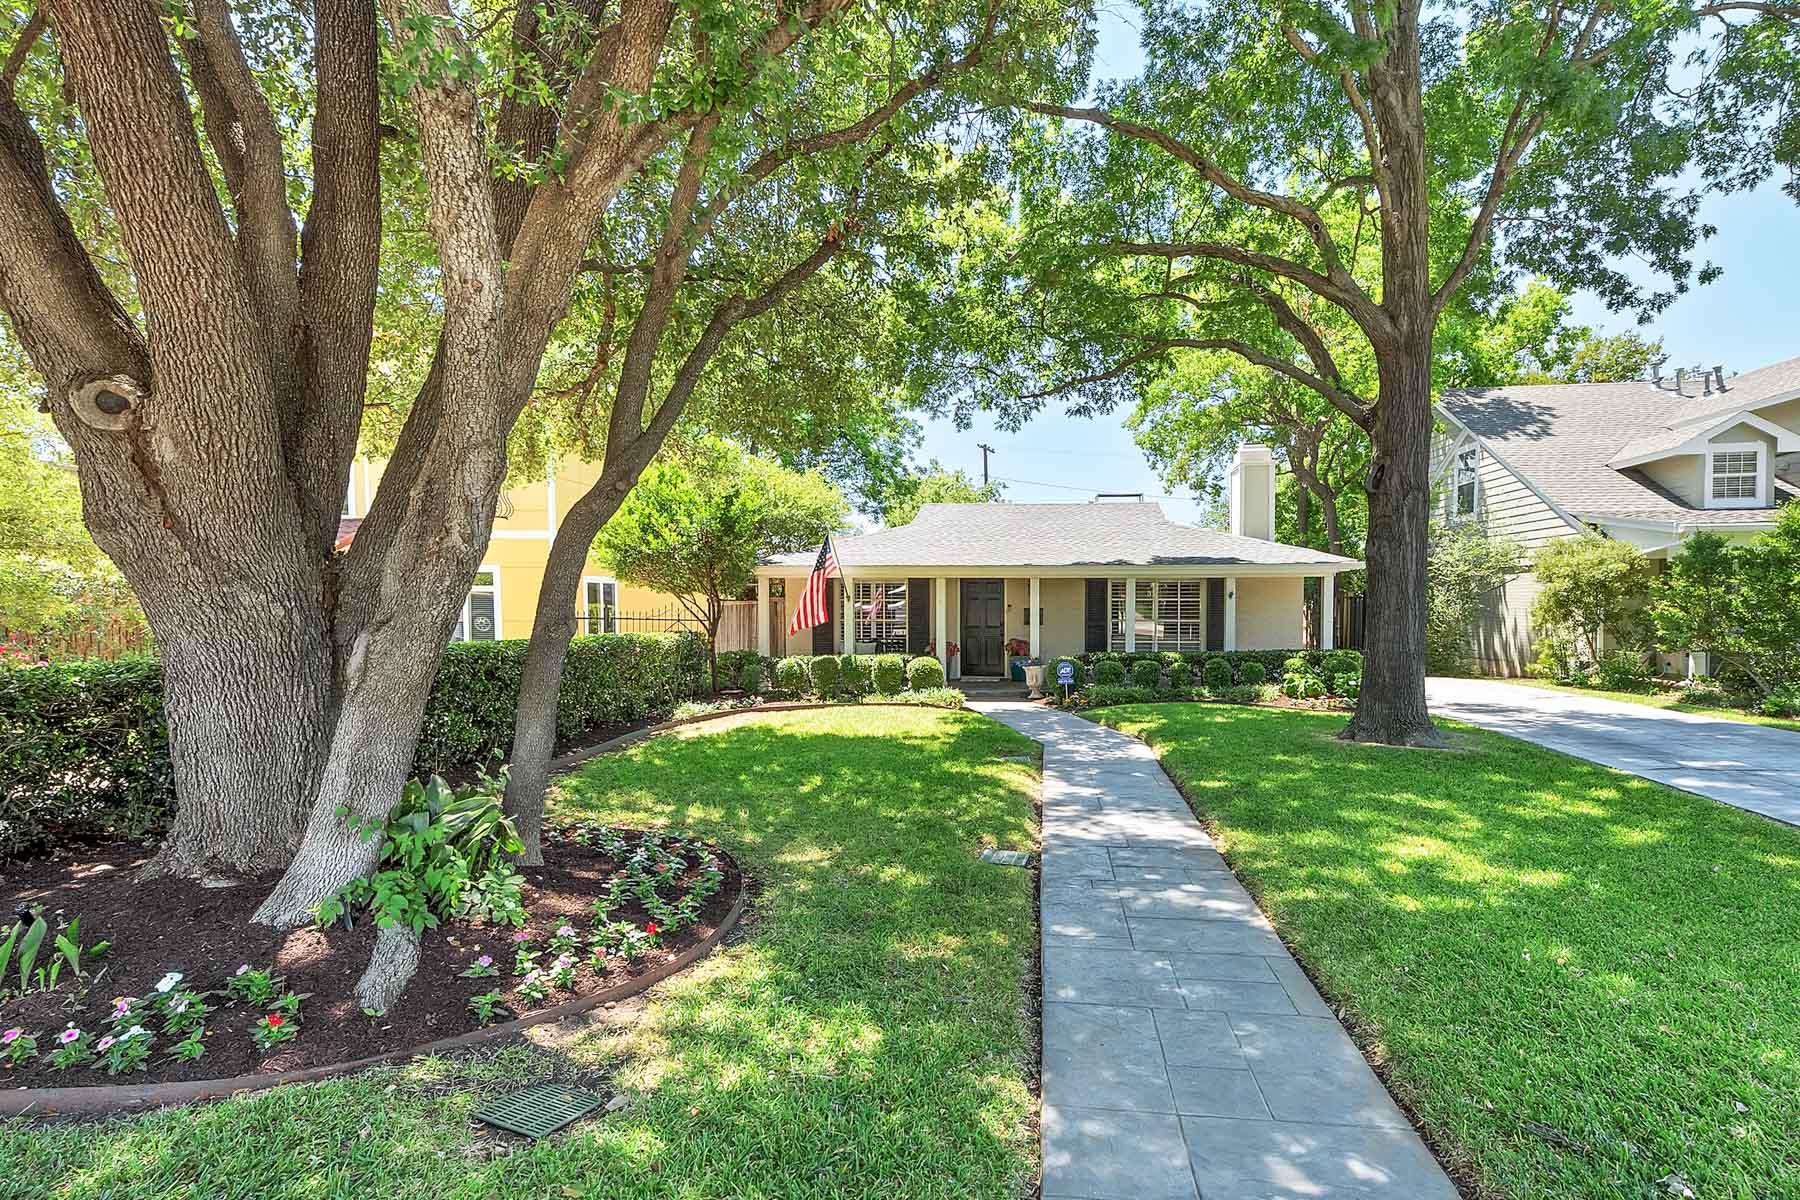 Maison unifamiliale pour l Vente à 1824 Western Avenue, Fort Worth Fort Worth, Texas, 76107 États-Unis